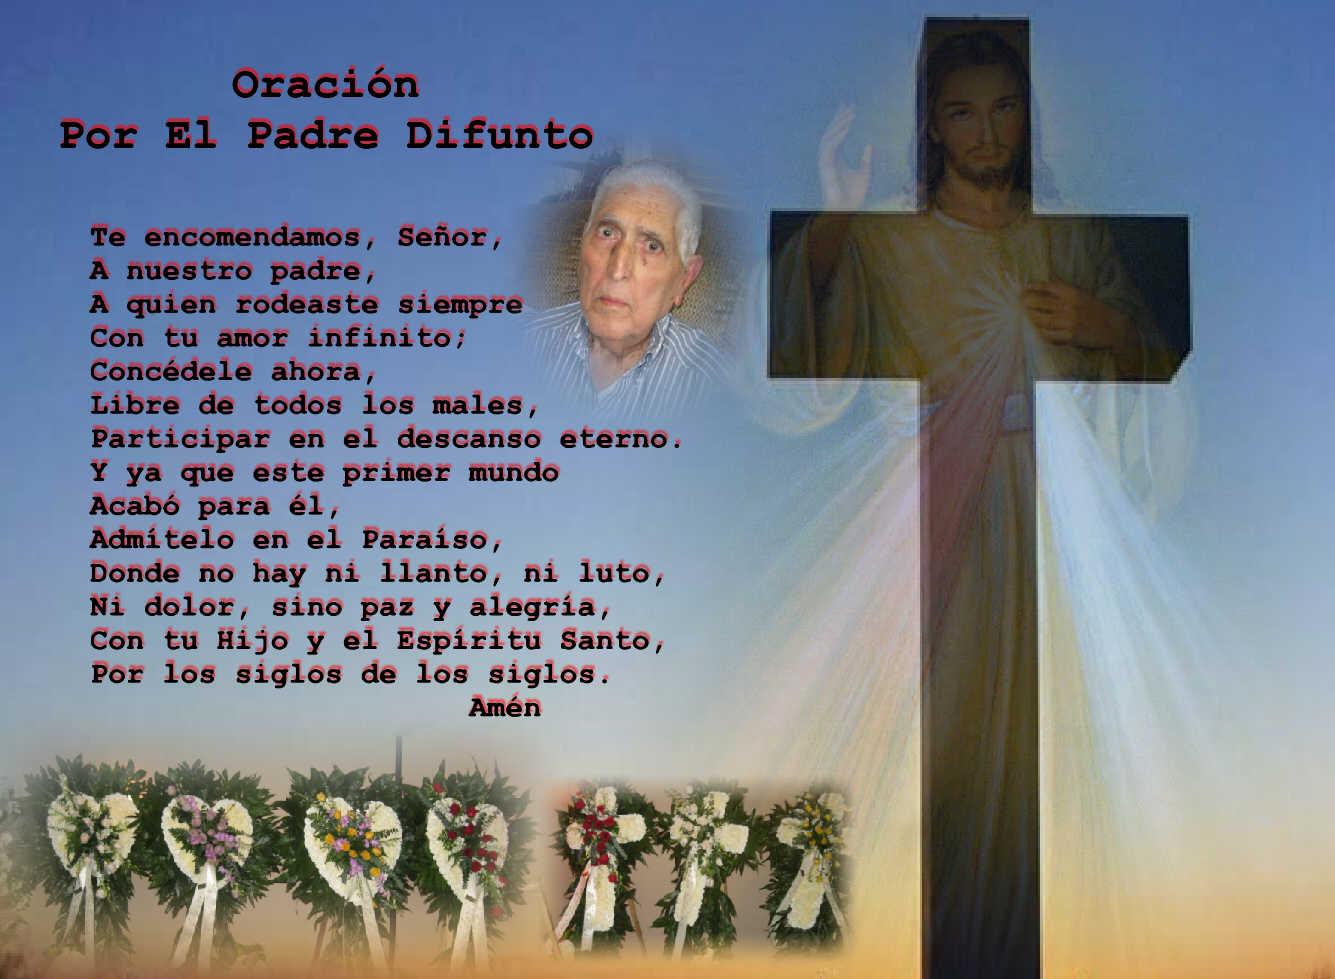 Oracion Para Un Padre Difunto